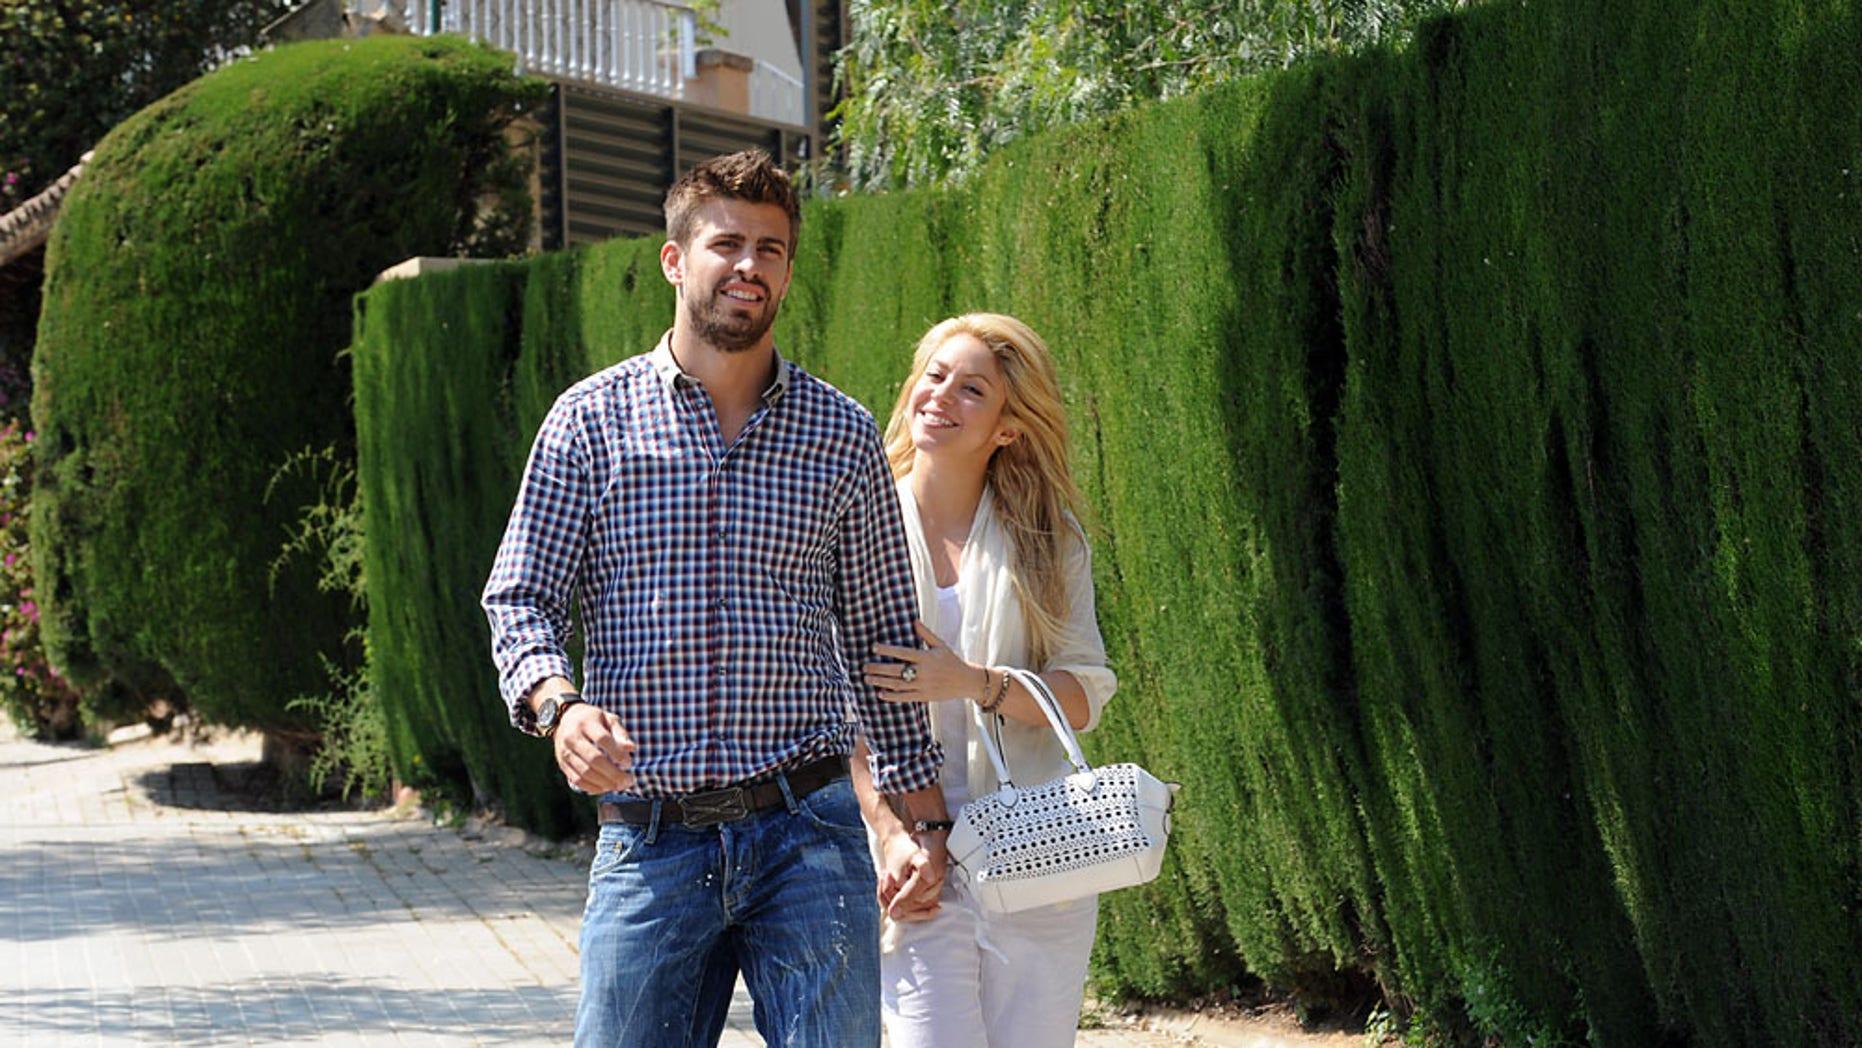 Photos © 2011 The Grosby Group -15/04/2011BarcelonaEl amor de Shakira y Pique no tiene limite. Aunque la pareja suele disimular en publico, parece que el hecho de que ya se haya confirmado su romance ha provocado que la pareja se relaje y se muestre de lo más carinosa en publico.(VIA)